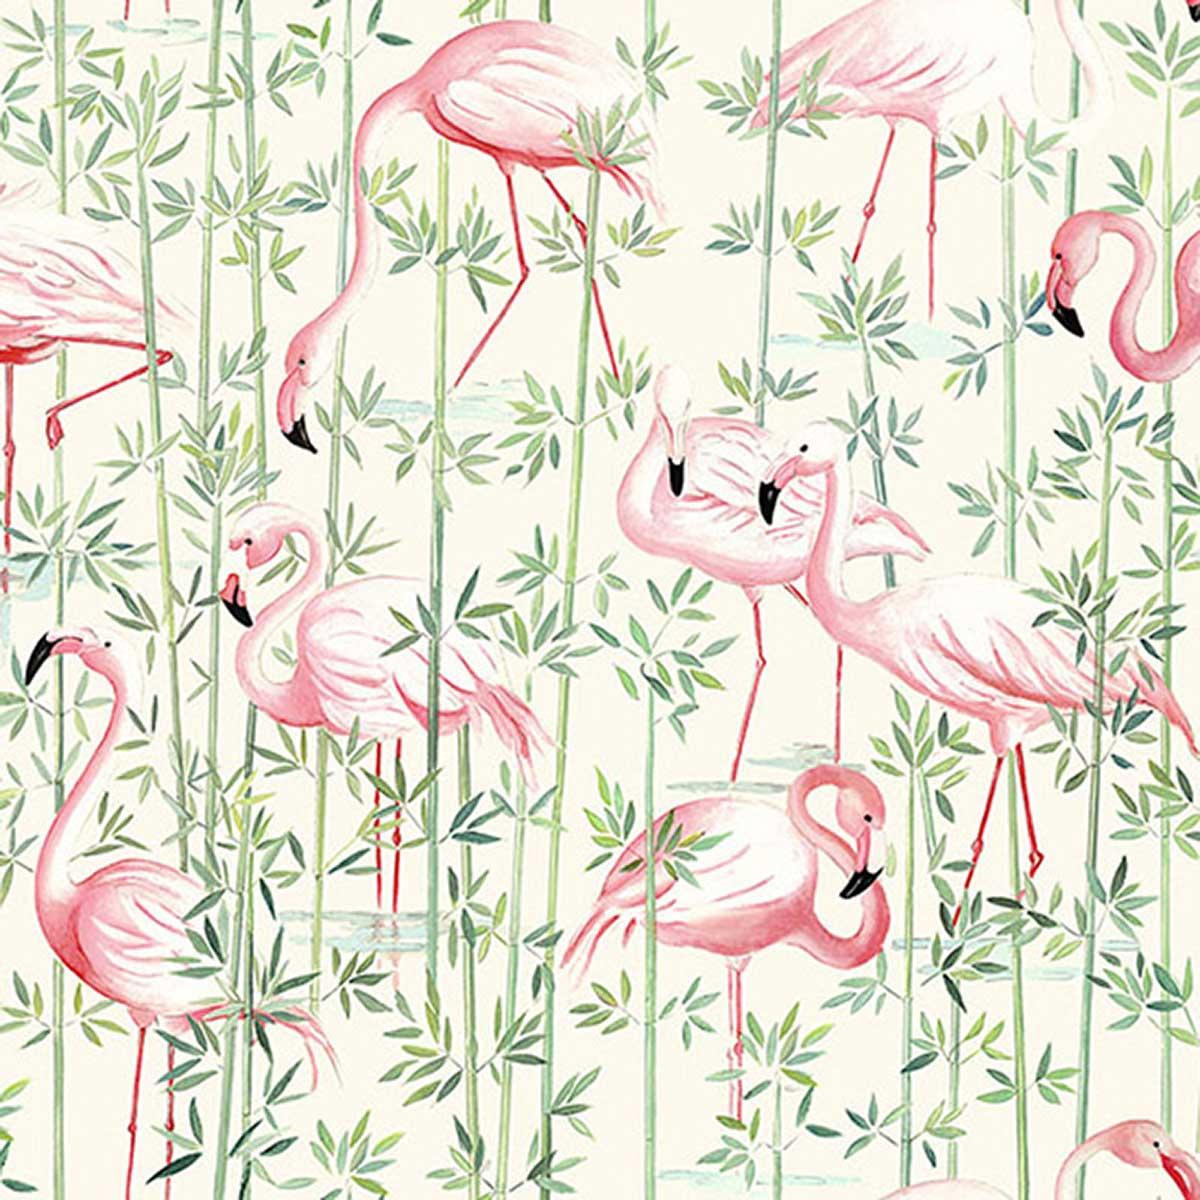 Tissu en coton imprimé flamant rose - Crème - 1.4 m